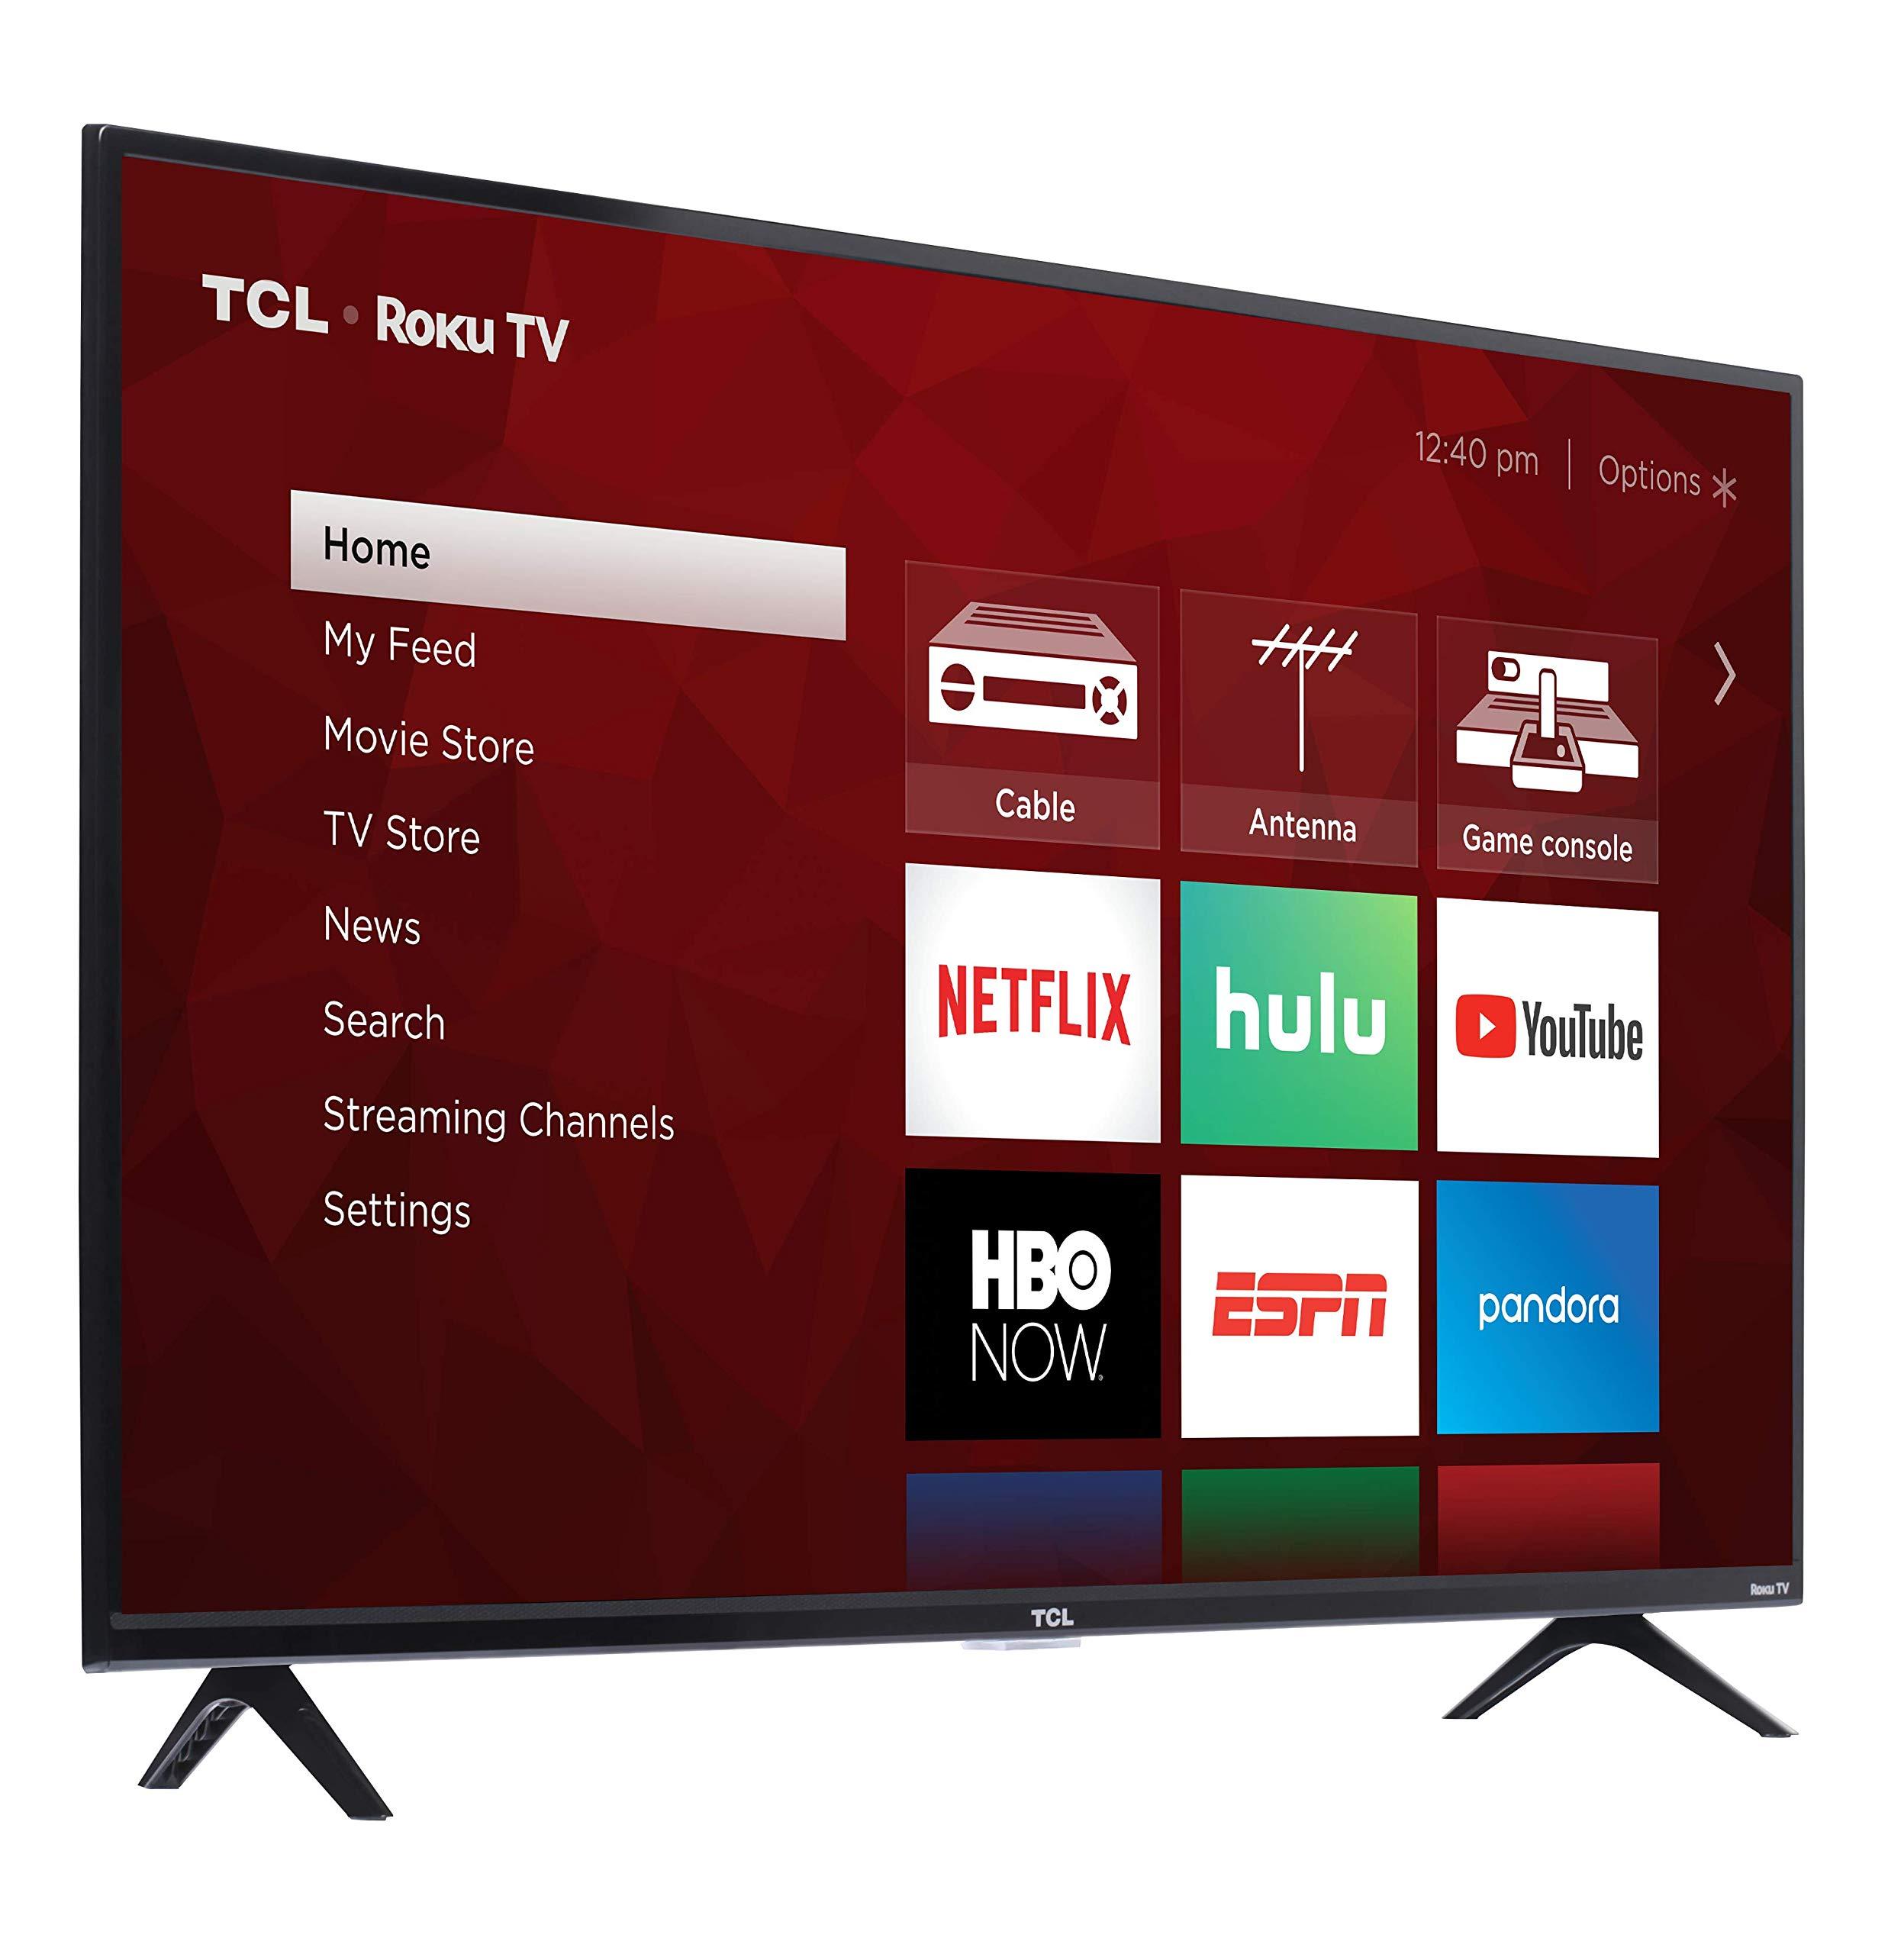 TCL-1080p-Smart-LED-TV-2018